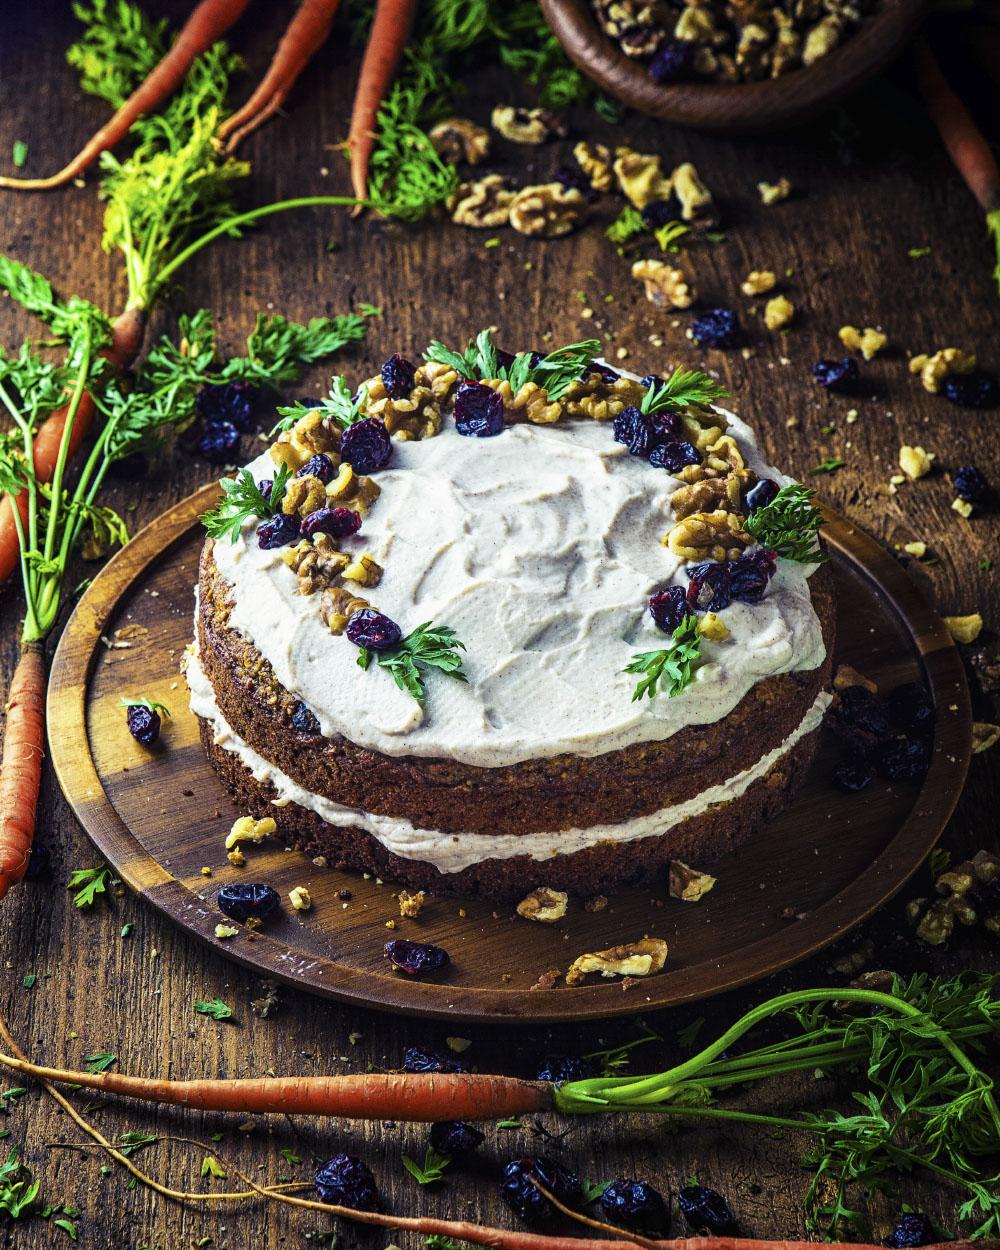 Möhren Kuchen mit Cranberries und Walnüssen einfaches Rezept für einen köstlichen Osterkuchen